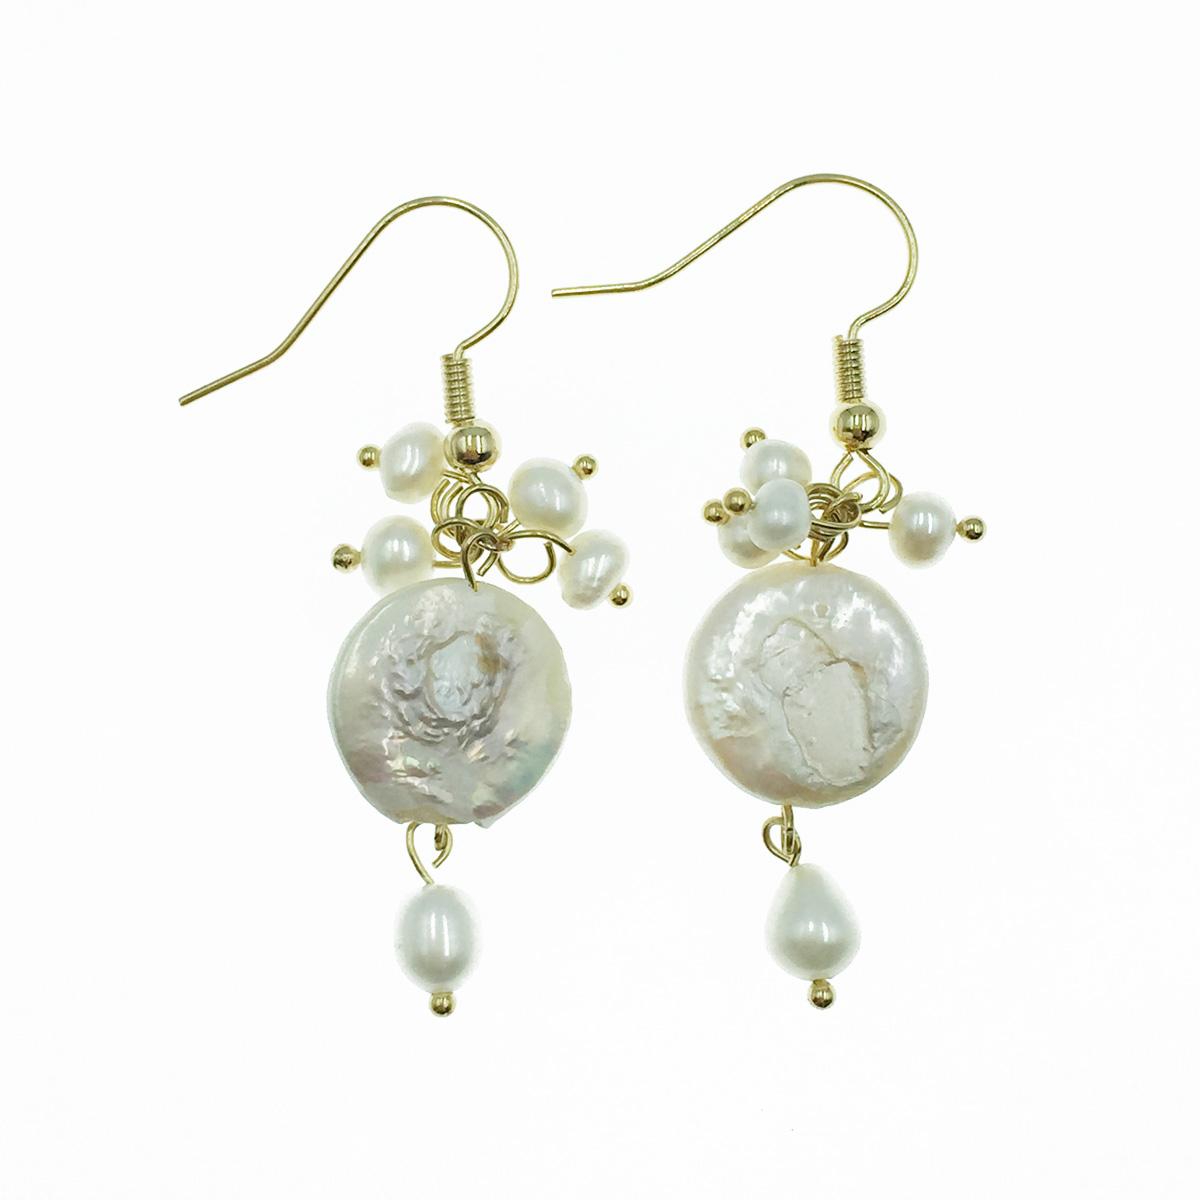 韓國 925純銀 珍珠 氣質優雅風 垂墜感 耳勾式耳環